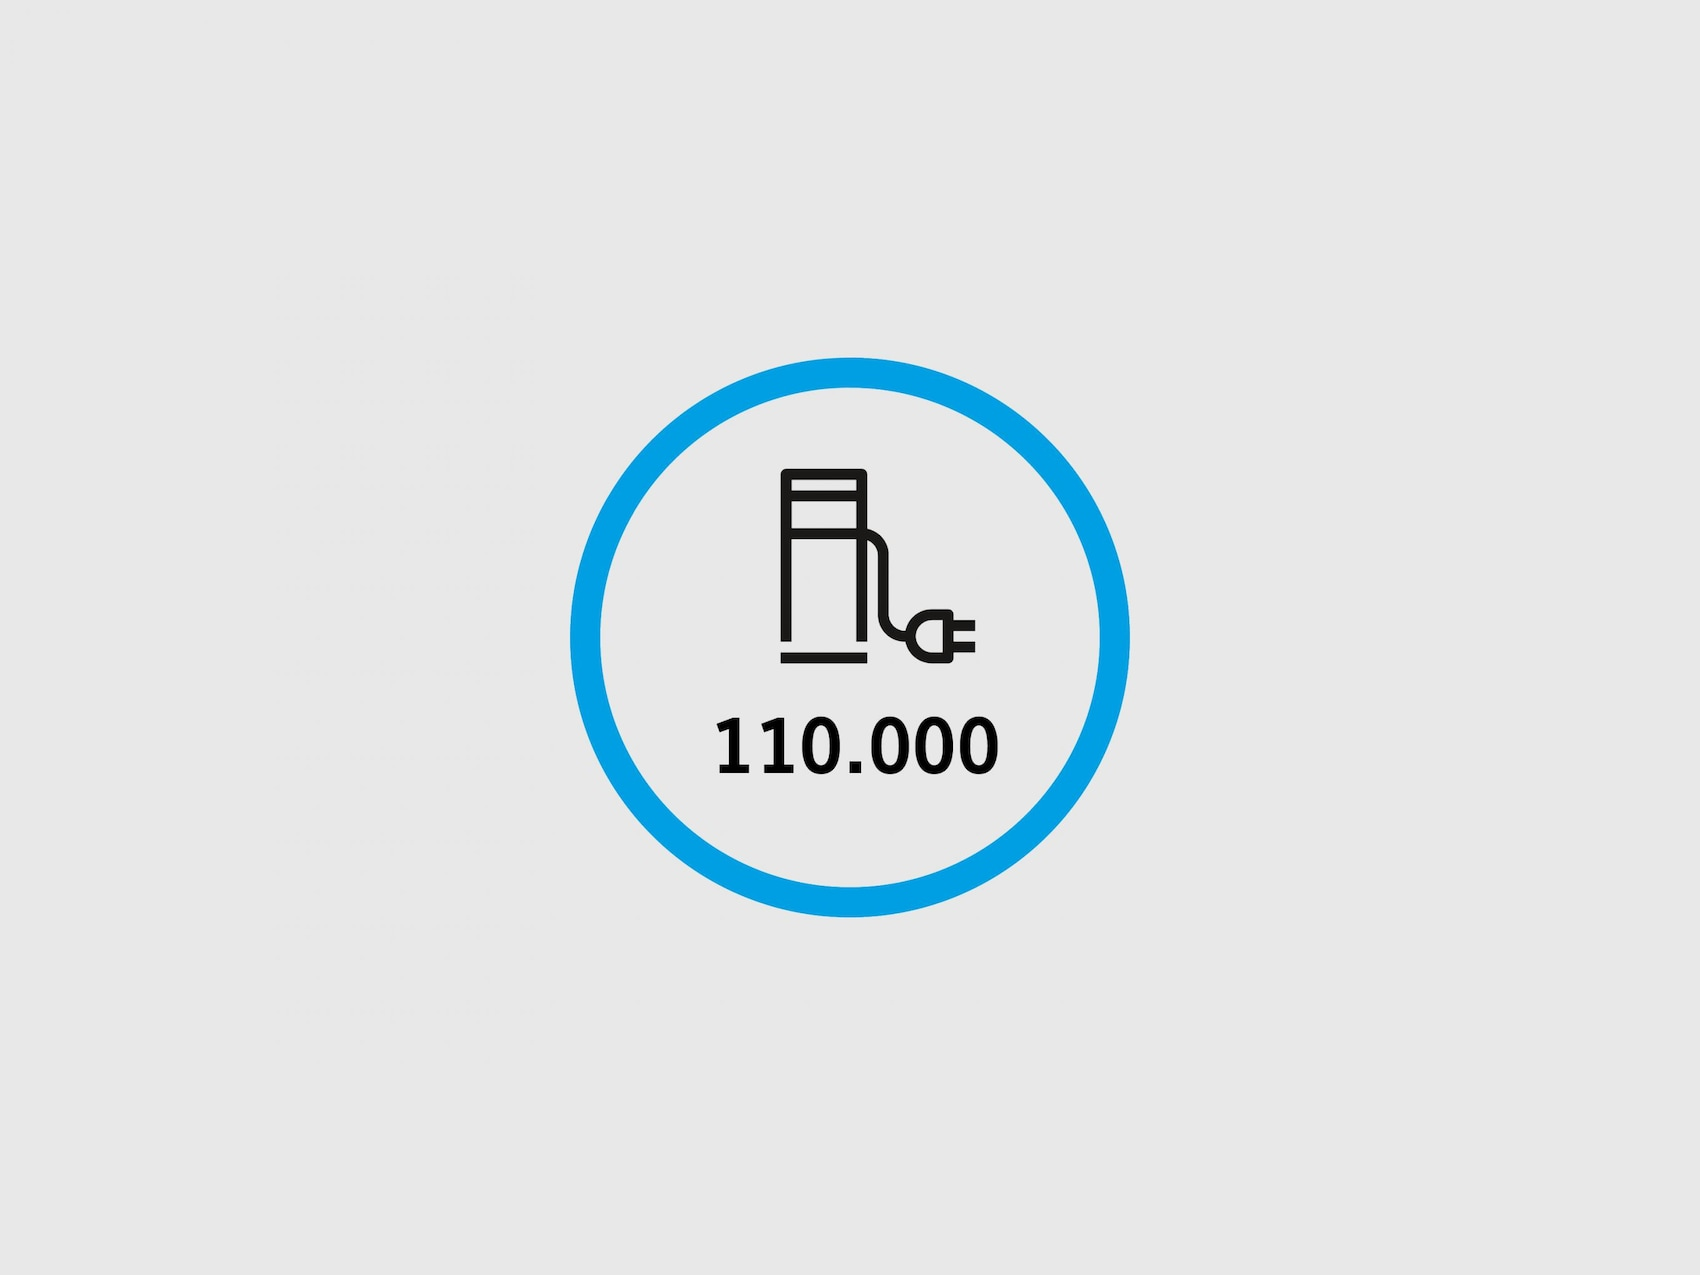 Blauer Kreis in dem das Plugsurfing Logo und darunter 80.000 abgebildet ist.